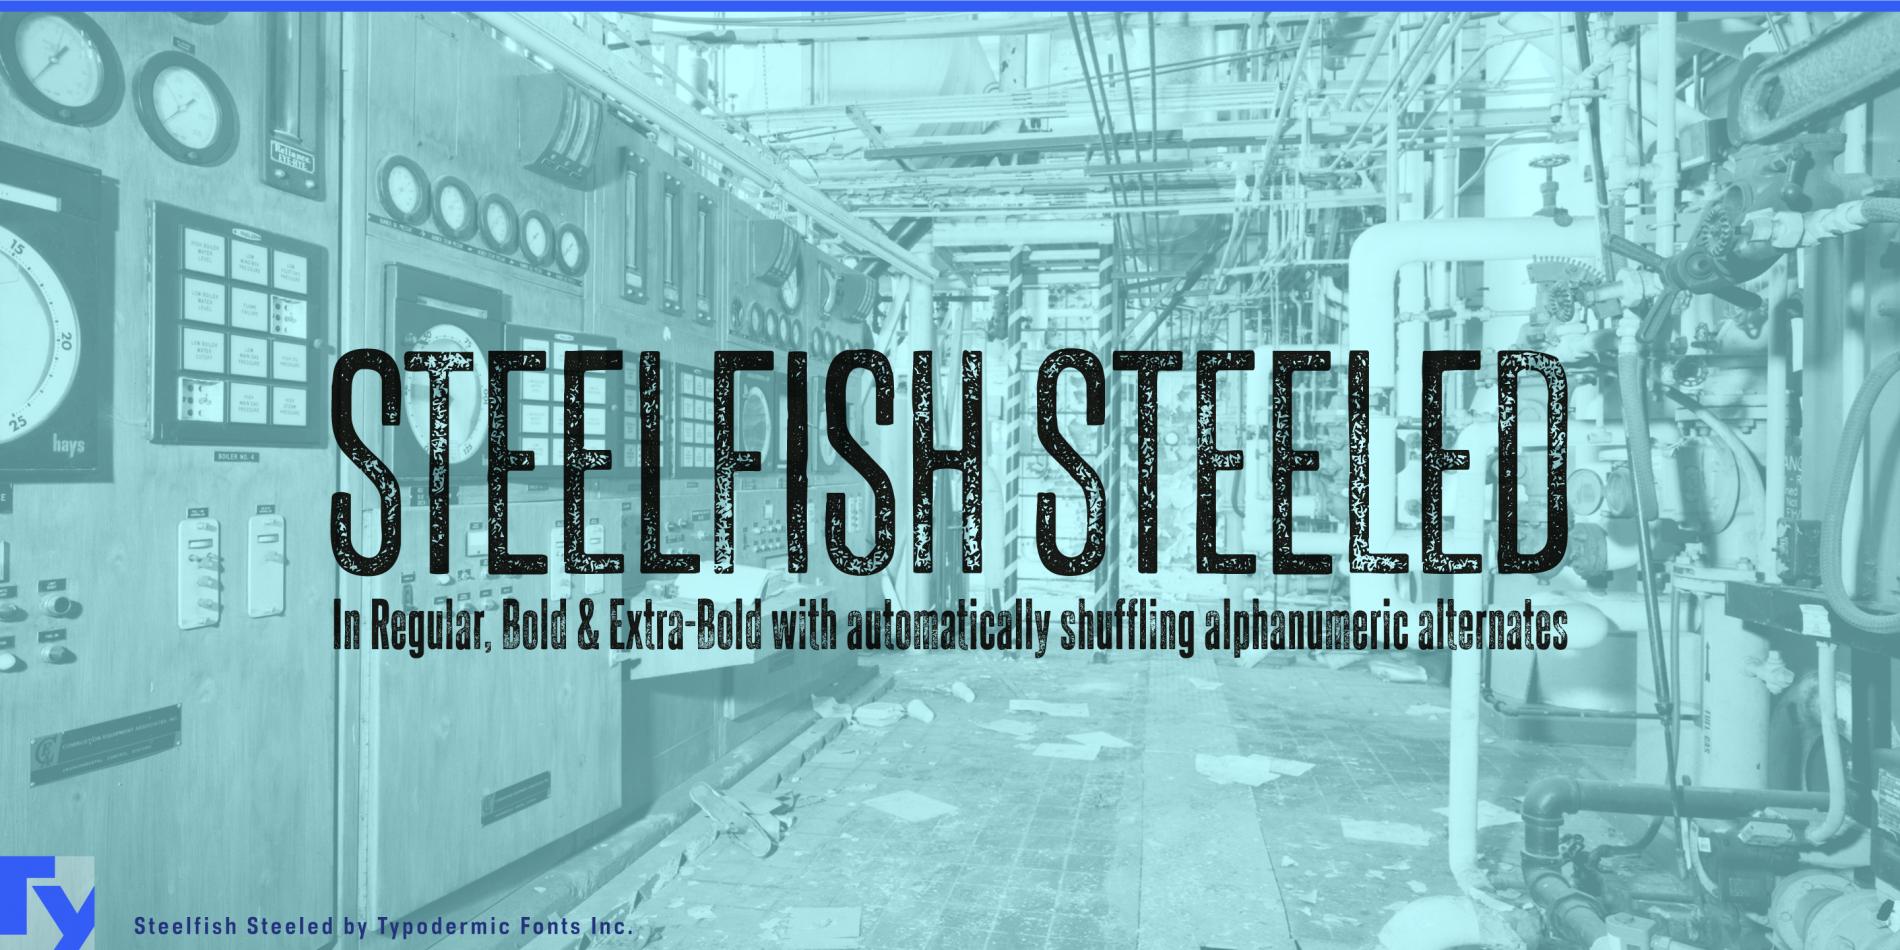 Steelfish Steeled